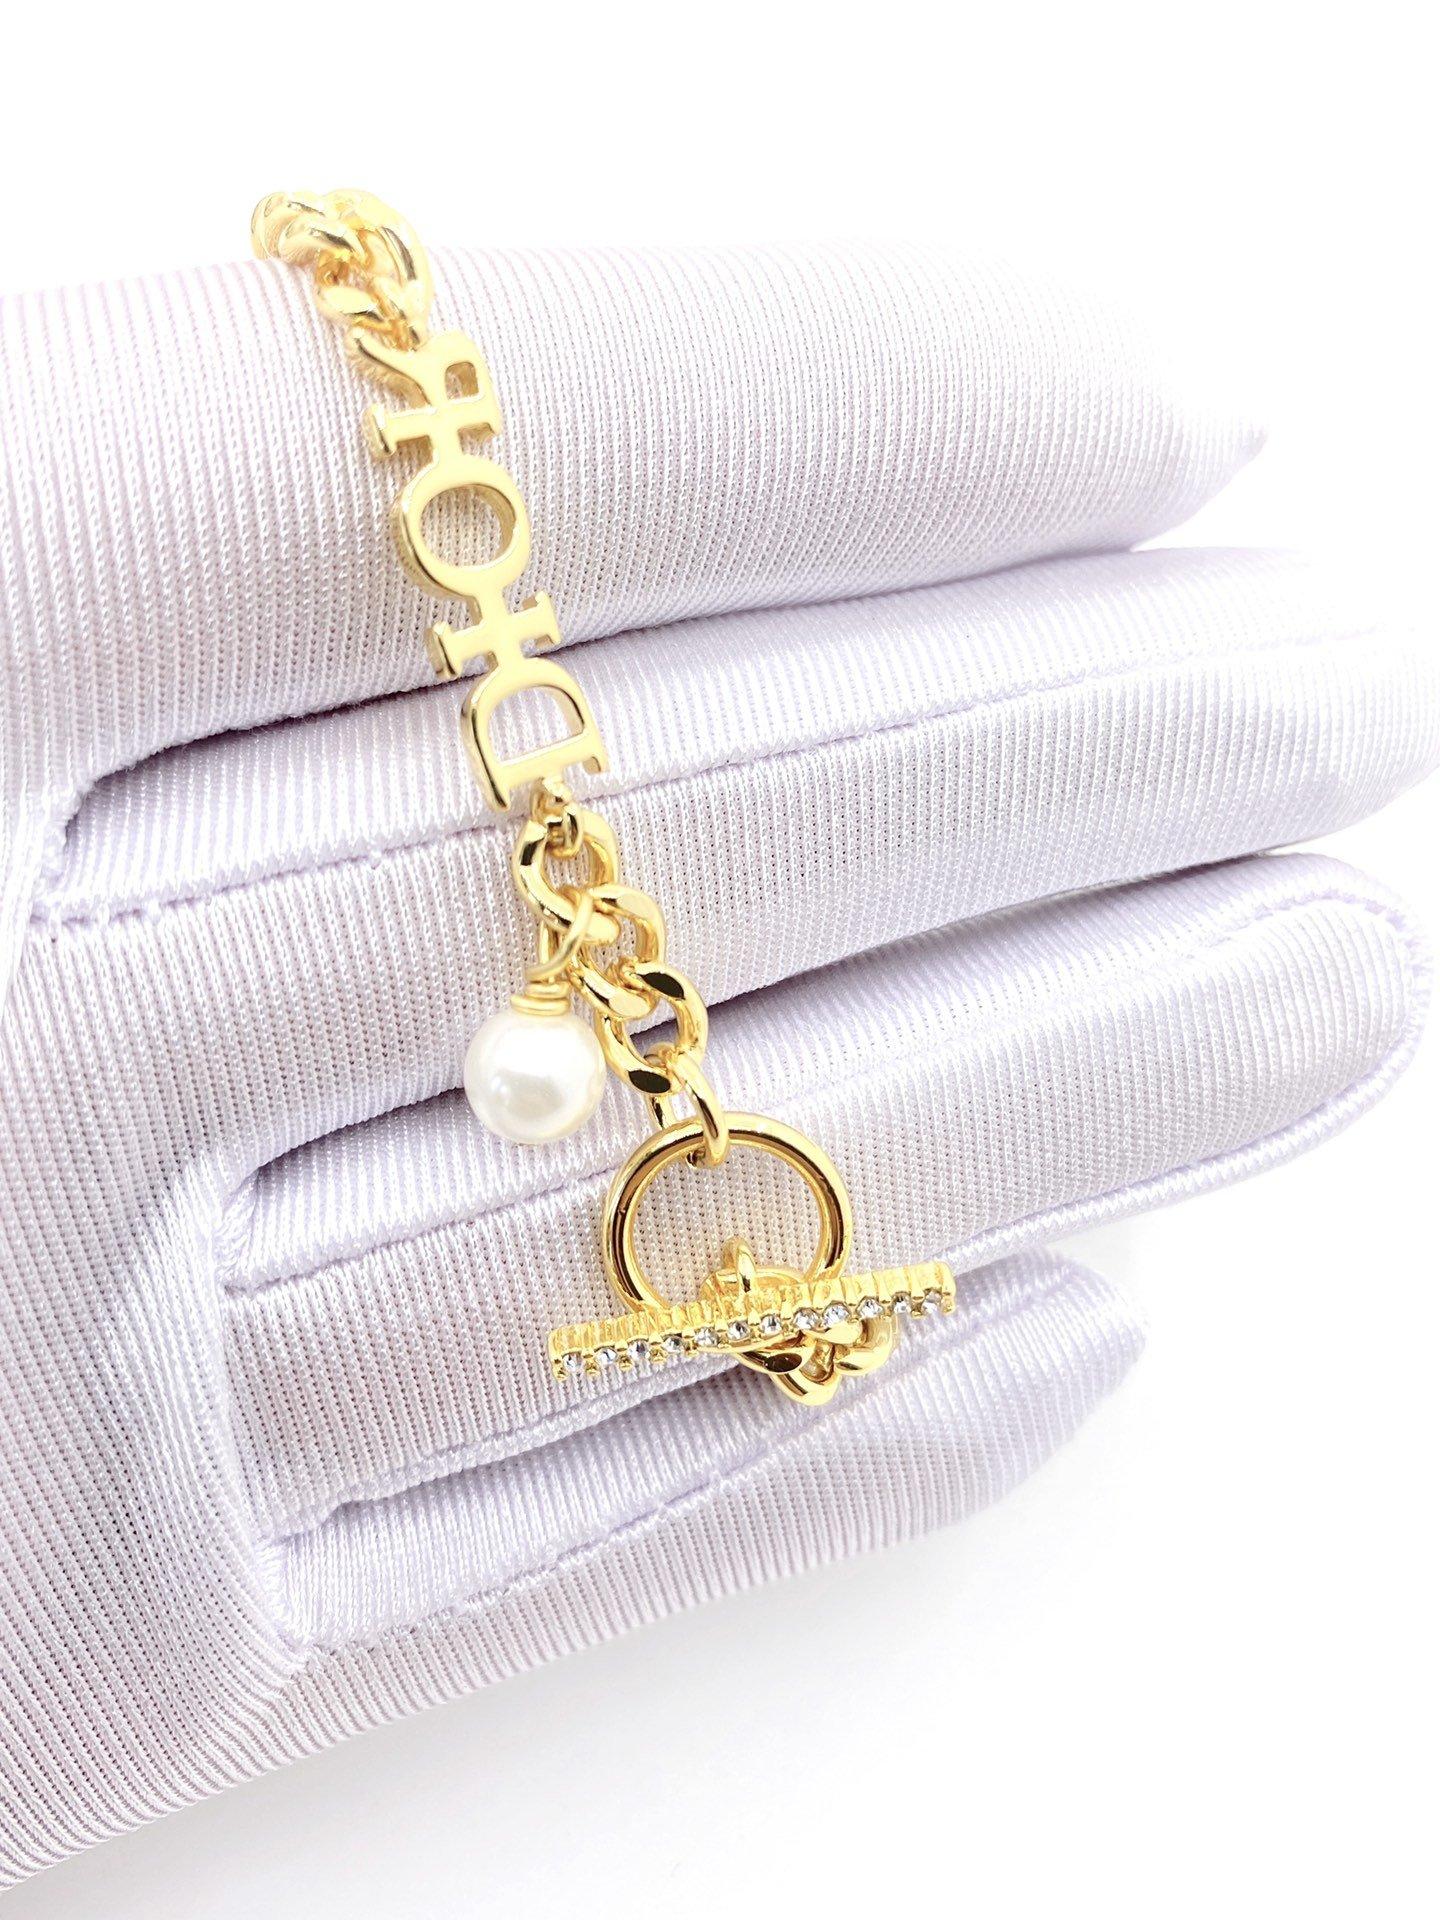 Dior新款链条手链一致zP材质